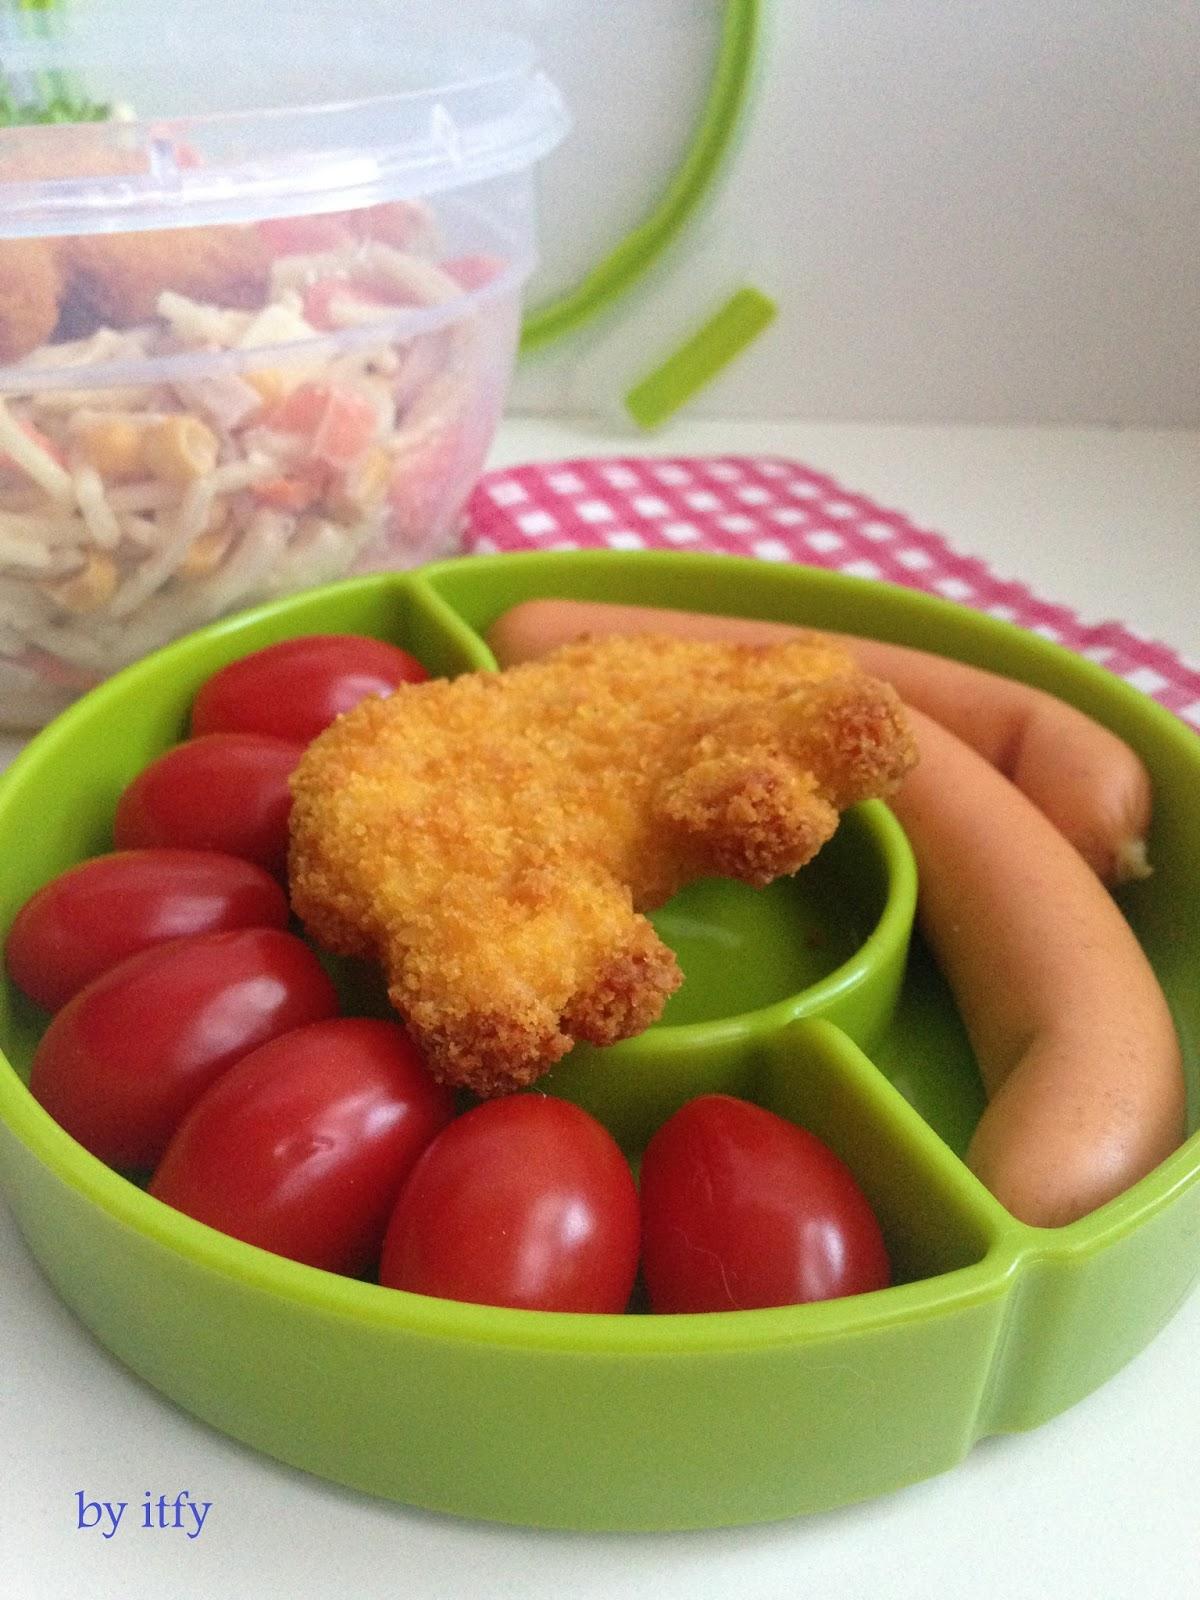 Noch schneller geht es mit Möhren aus dem Glas se einfach abtropfen lassen und zum Salat geben